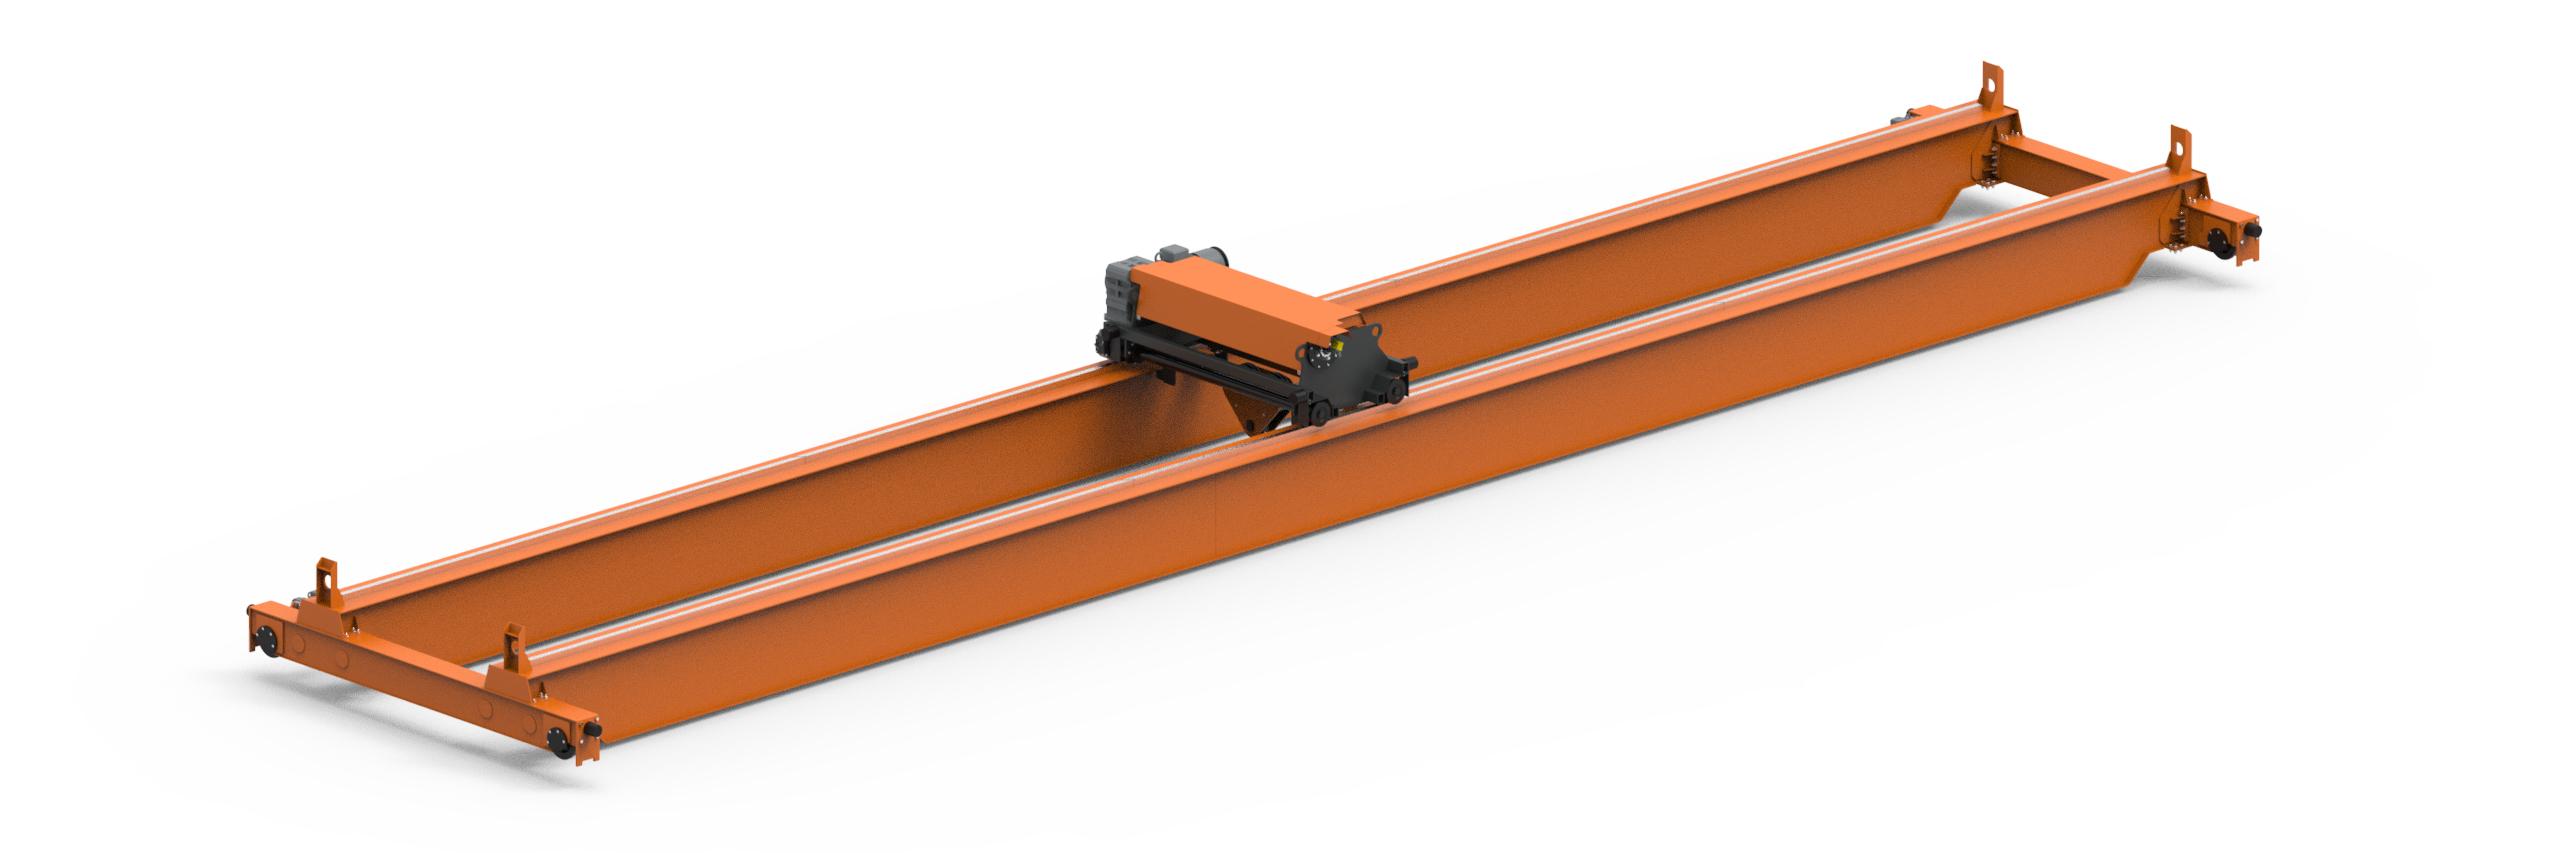 Мостовий двобалковий кран - від виробника ТОВ